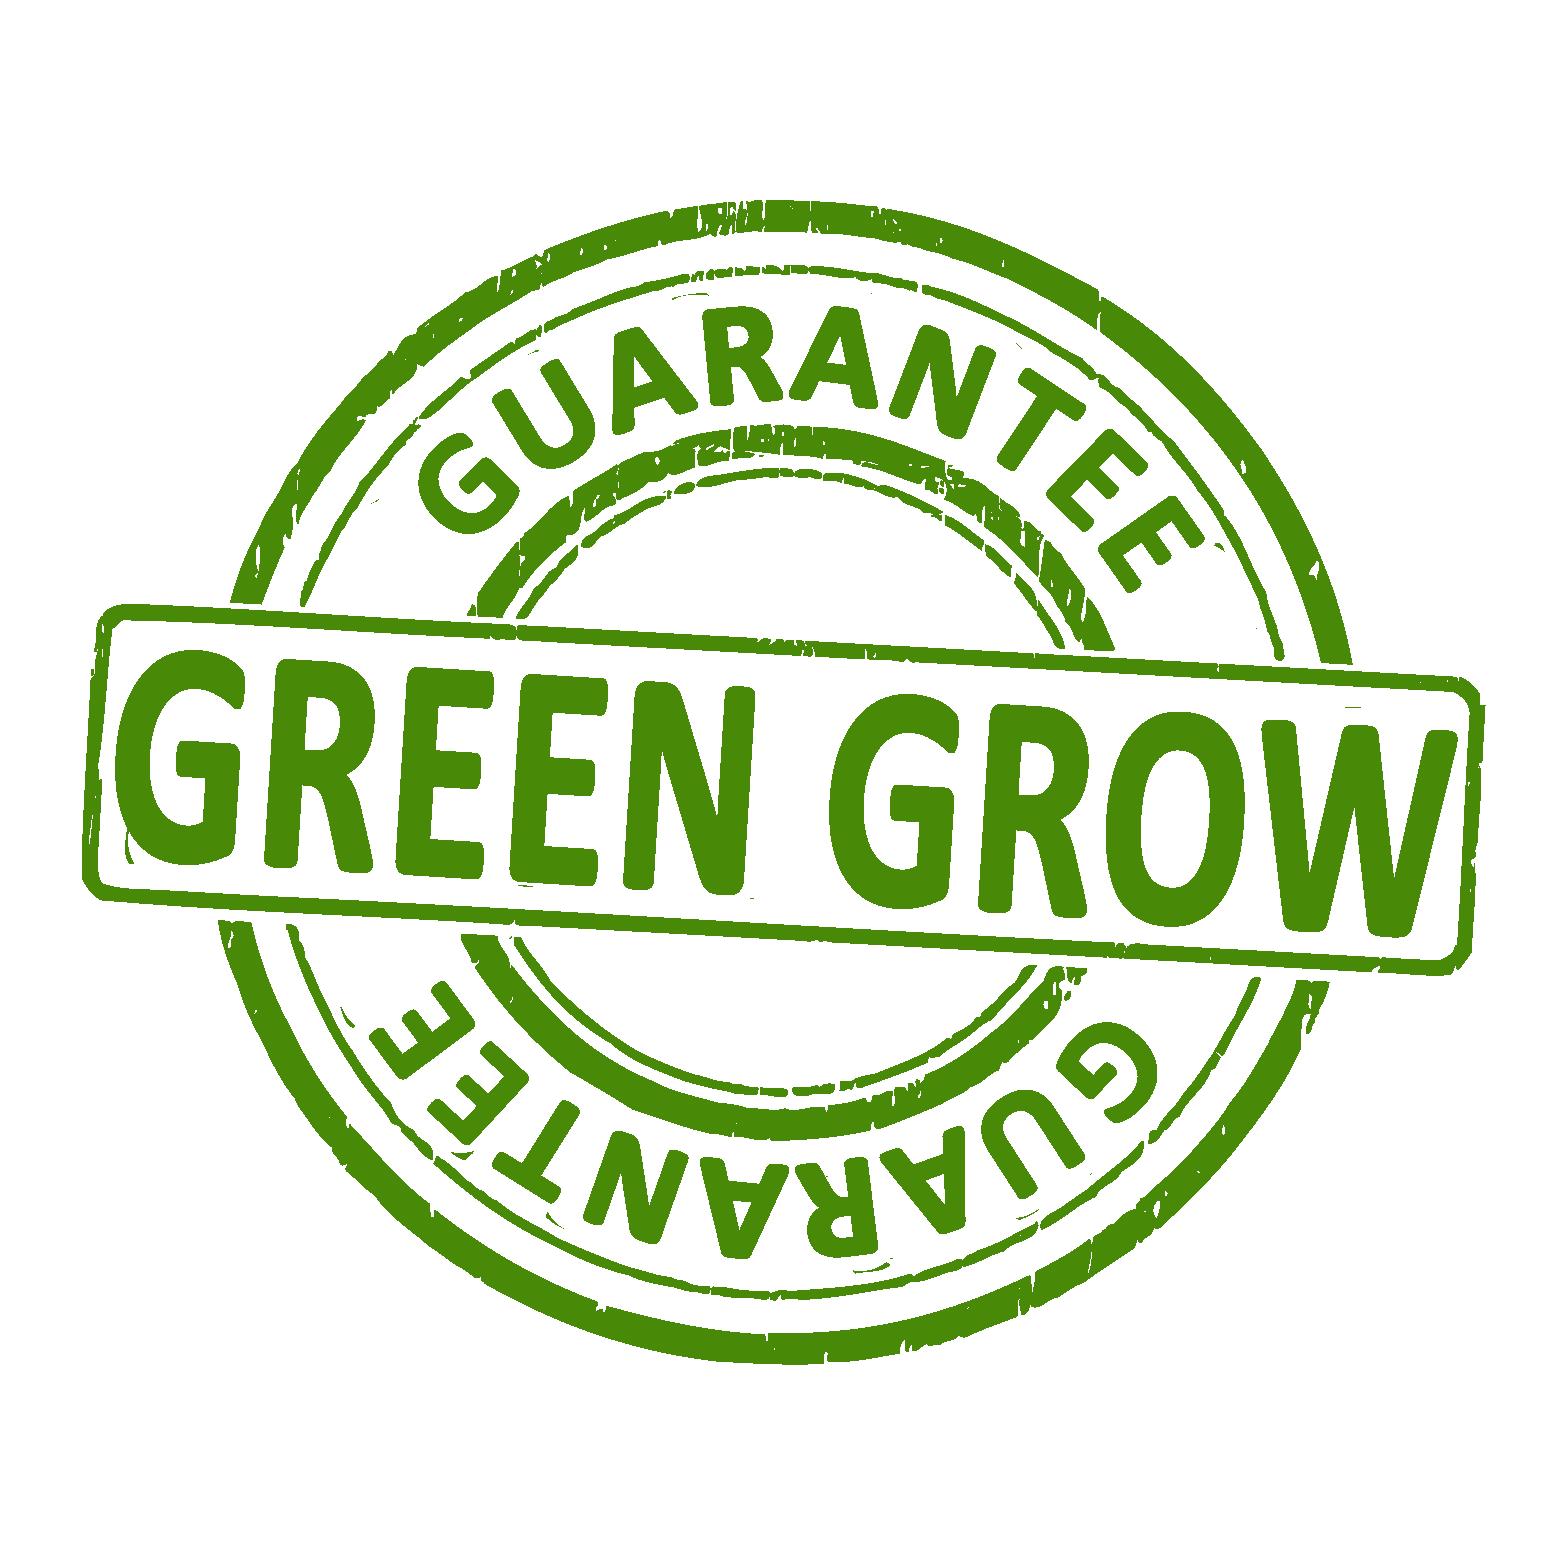 greengrowguarantee